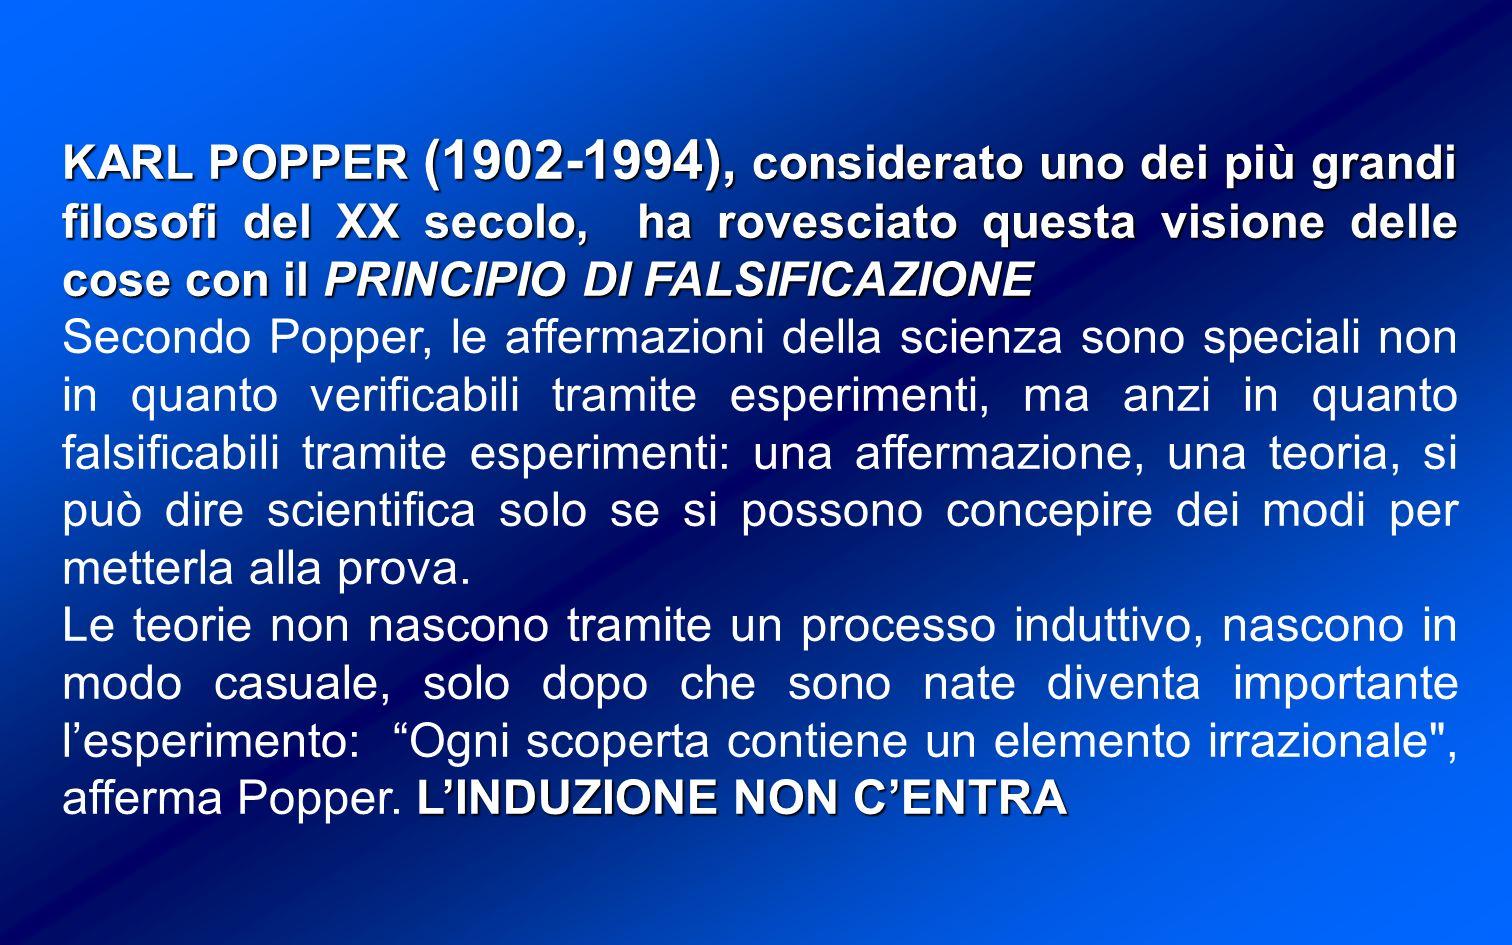 KARL POPPER (1902-1994), considerato uno dei più grandi filosofi del XX secolo, ha rovesciato questa visione delle cose con il PRINCIPIO DI FALSIFICAZIONE